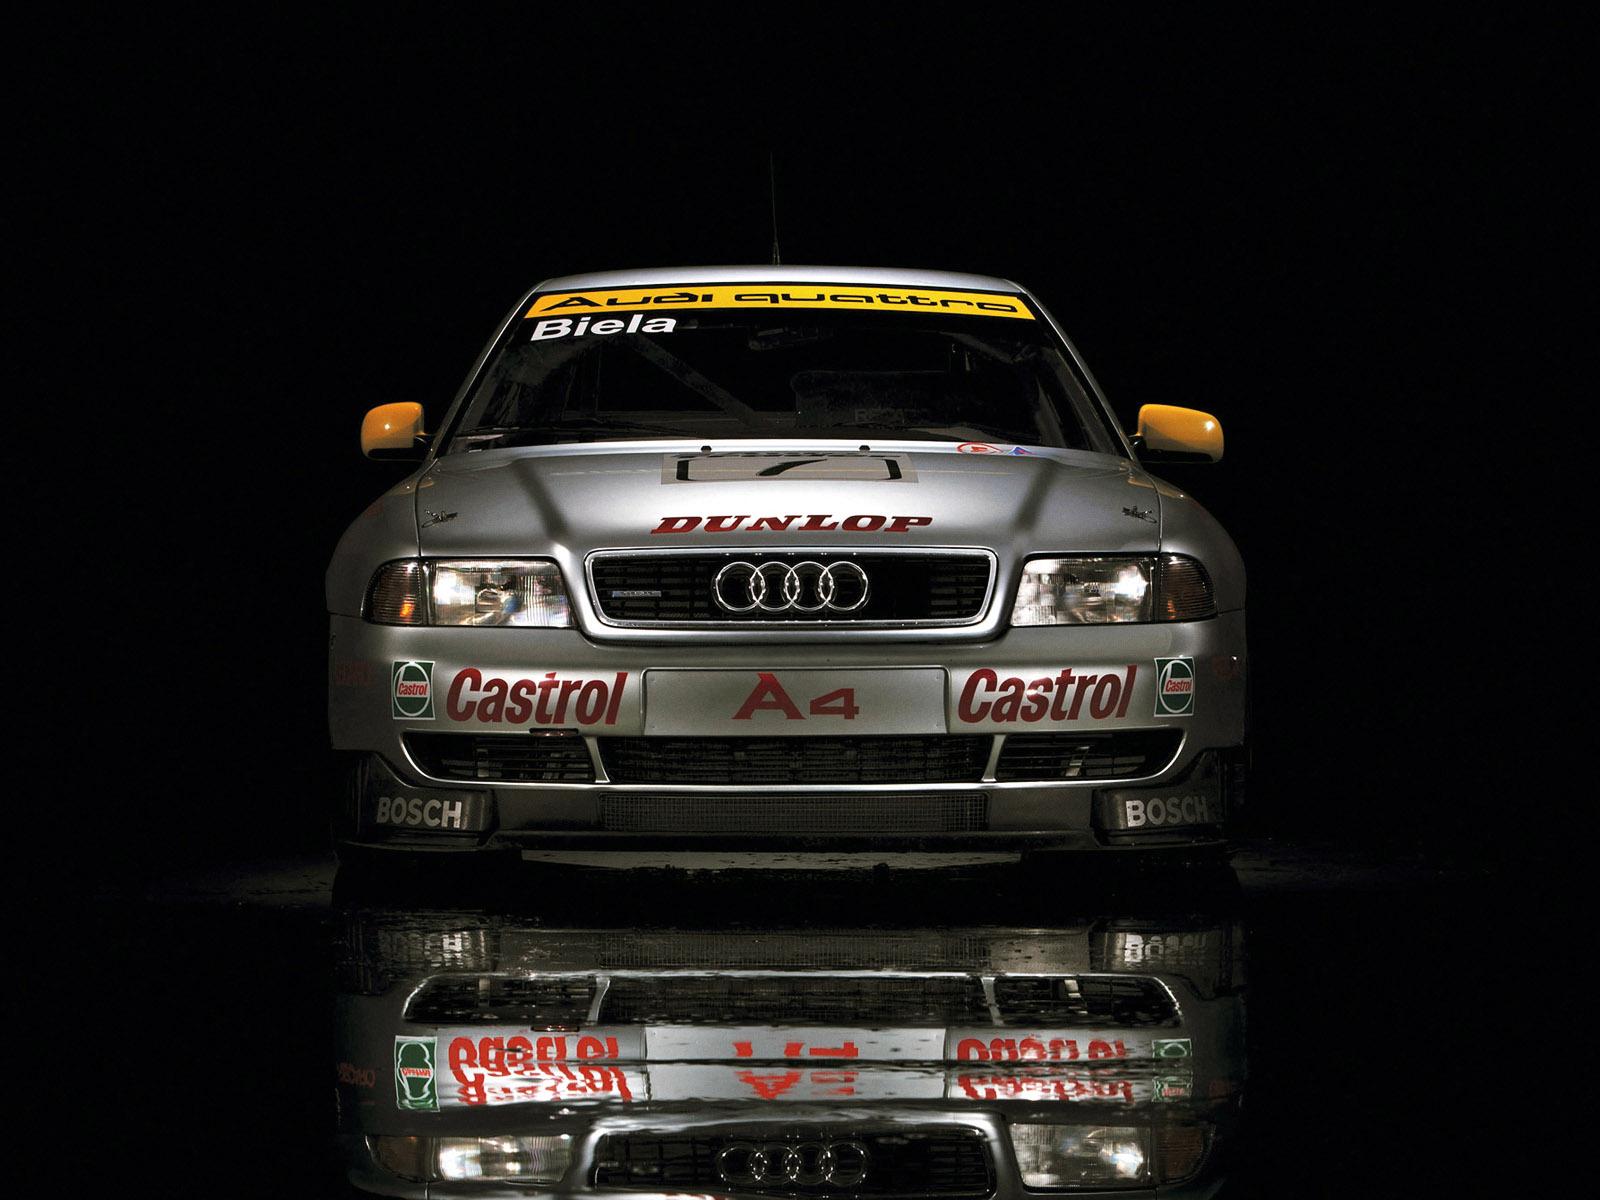 1996 Audi A4 Quattro Btcc Race Racing A 4 R Wallpaper